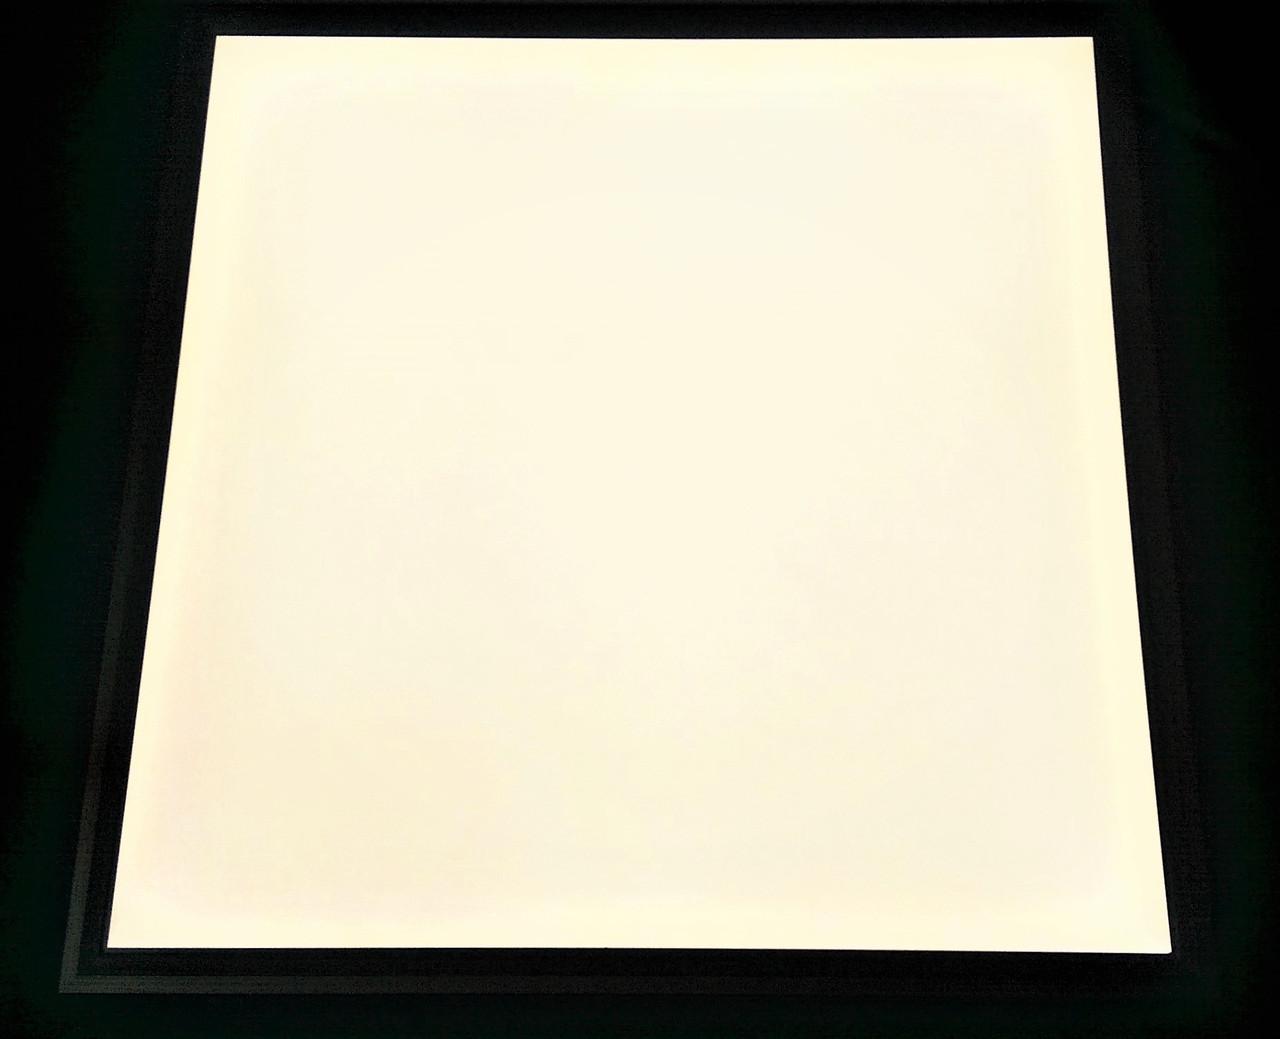 Светодиодная LED панель ВСТРАИВАЕМАЯ PANEL LED-SH-600-20 595*595*9мм 3000Лм 4000К 36вт